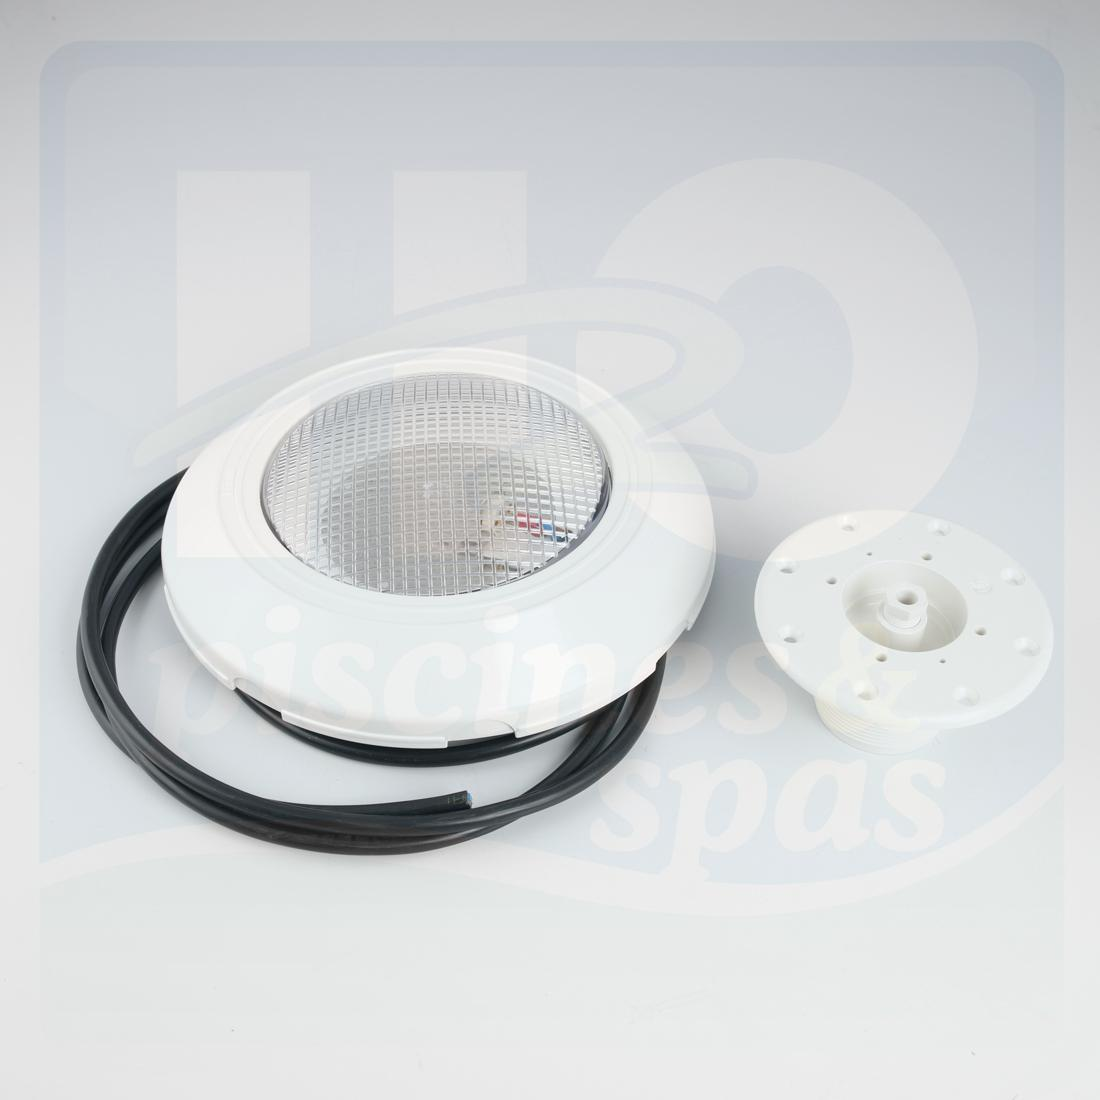 Projecteur halogne kripsol 100 w 12 v pour piscine - Projecteur piscine kripsol ...